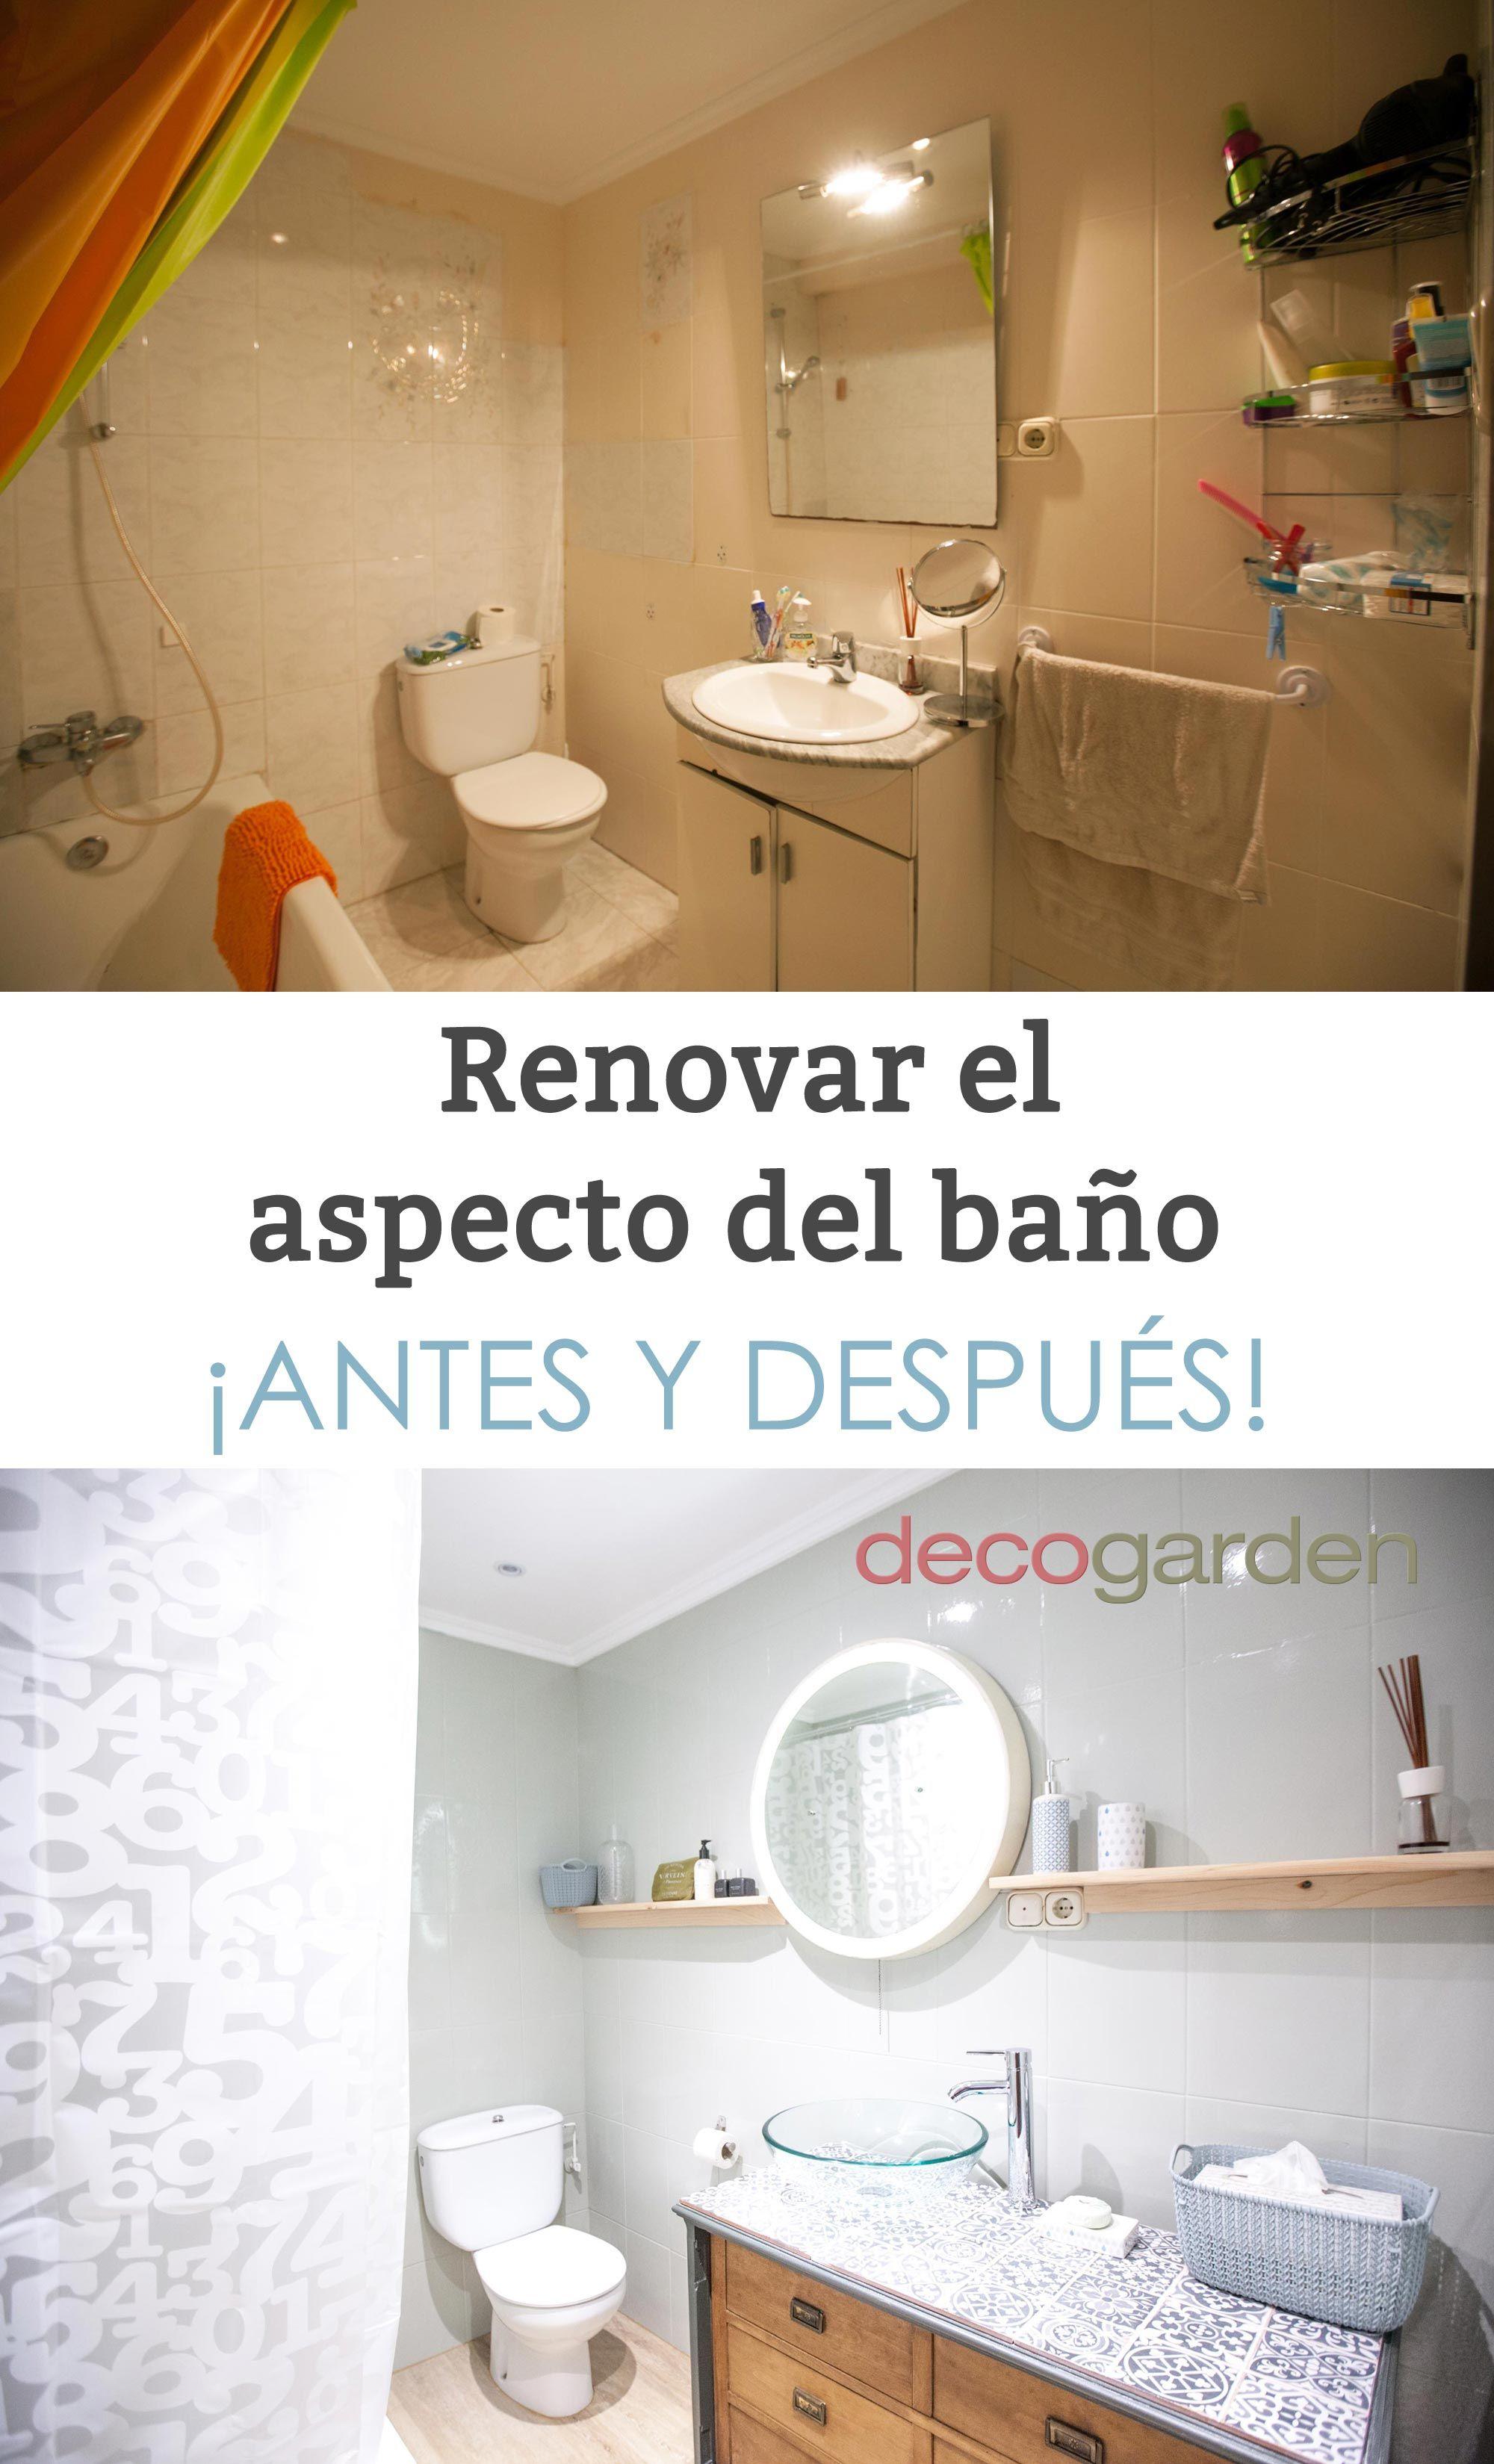 Renovar el aspecto del baño - Decogarden | Decoración de ...